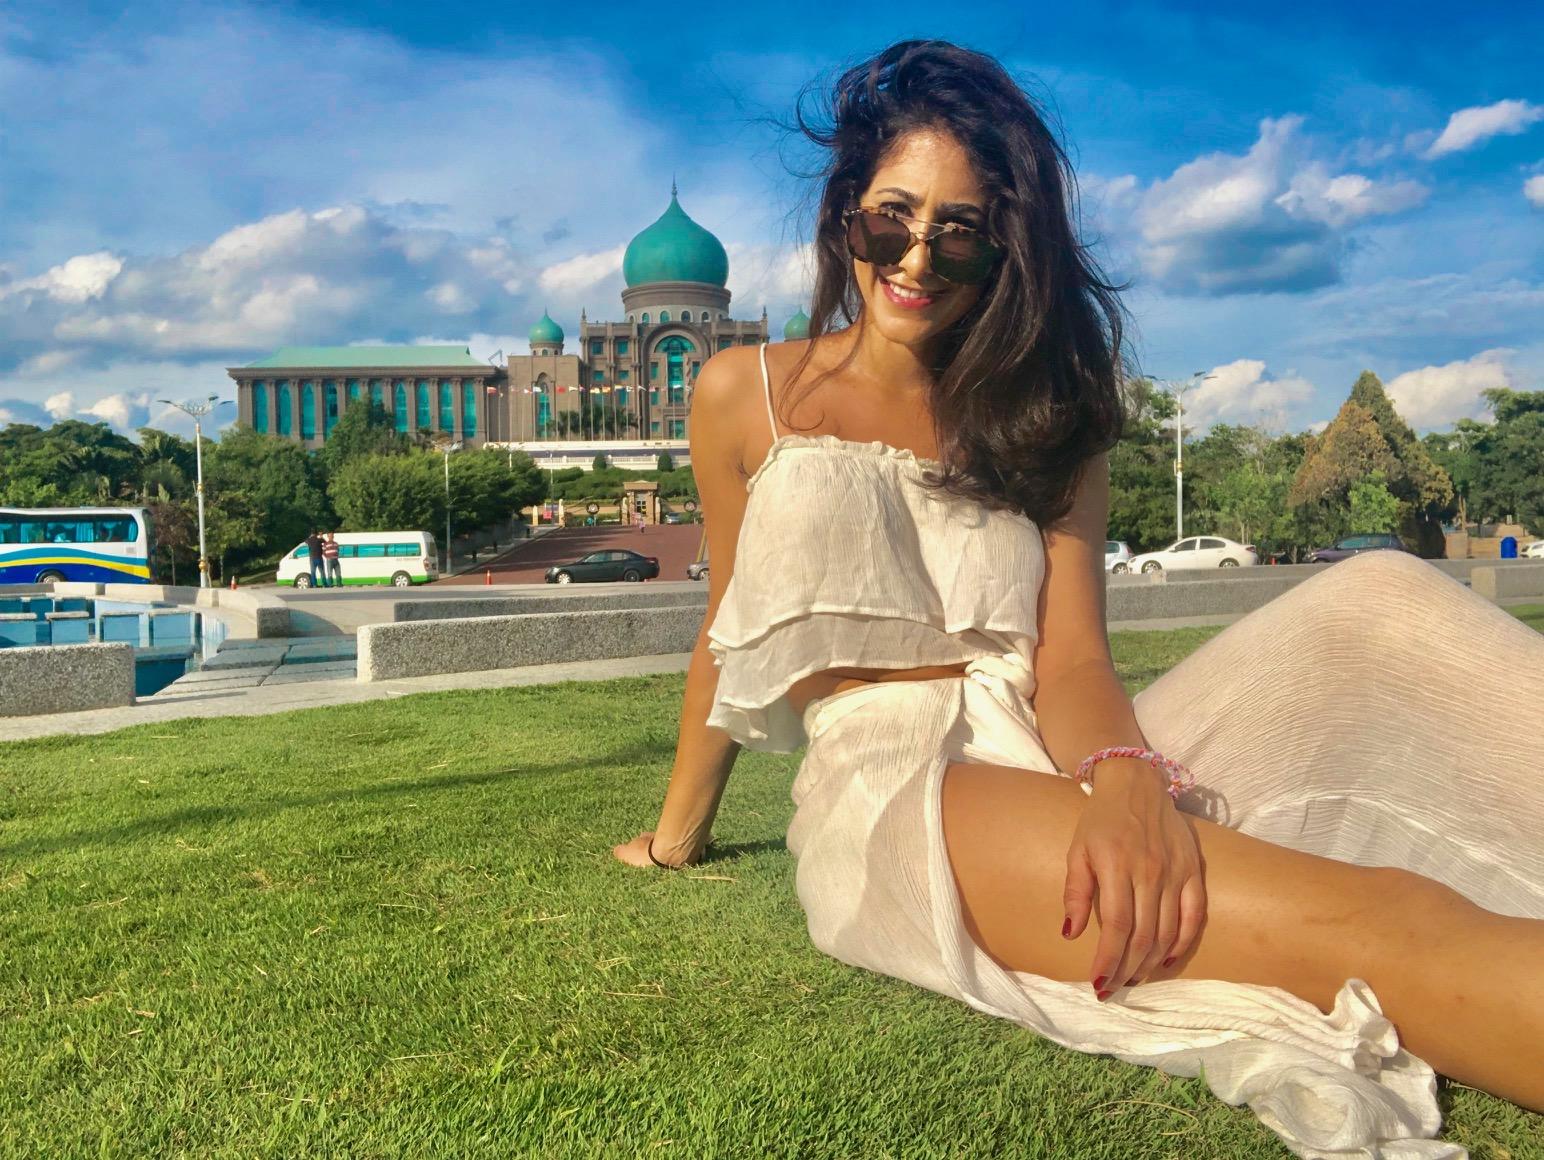 10 FREE Instagram Worthy Spots in Kuala Lumpur